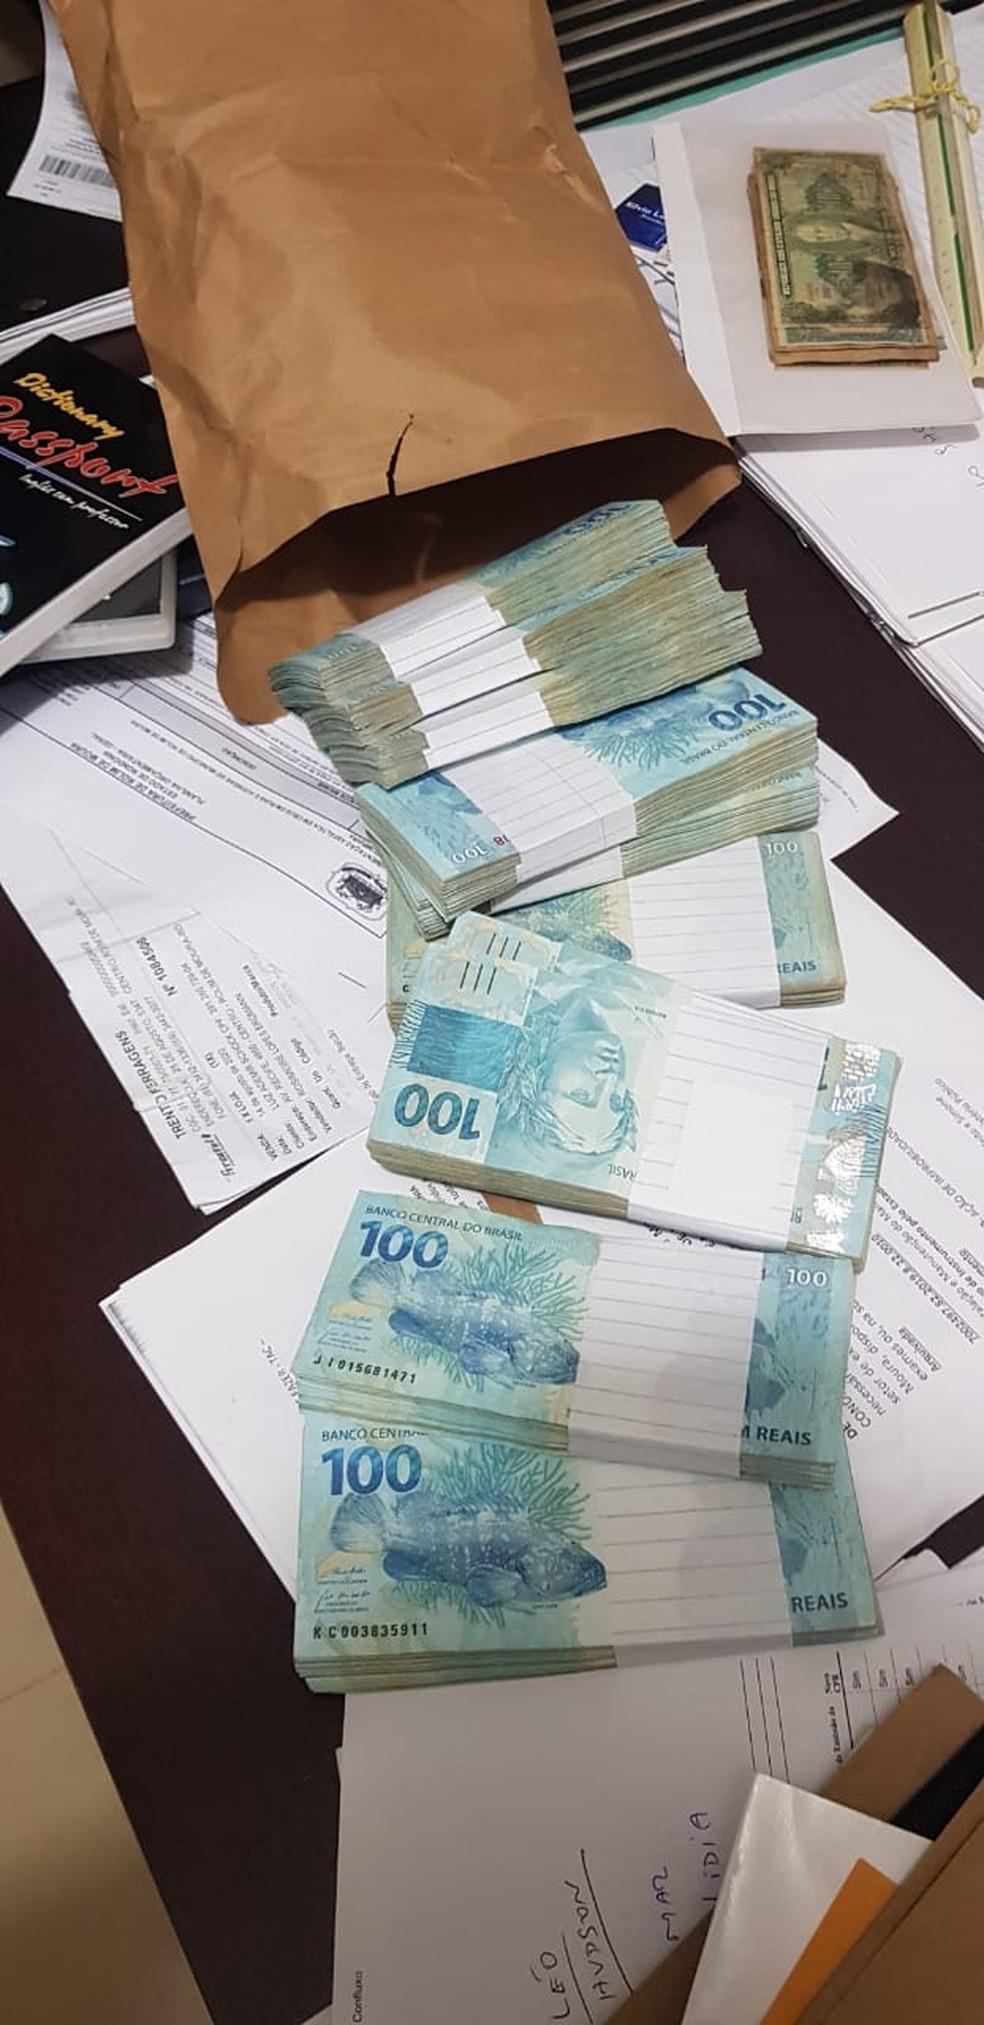 Dinheiro apreendido durante operação Reciclagem, em Rondônia — Foto: PF/Divulgação